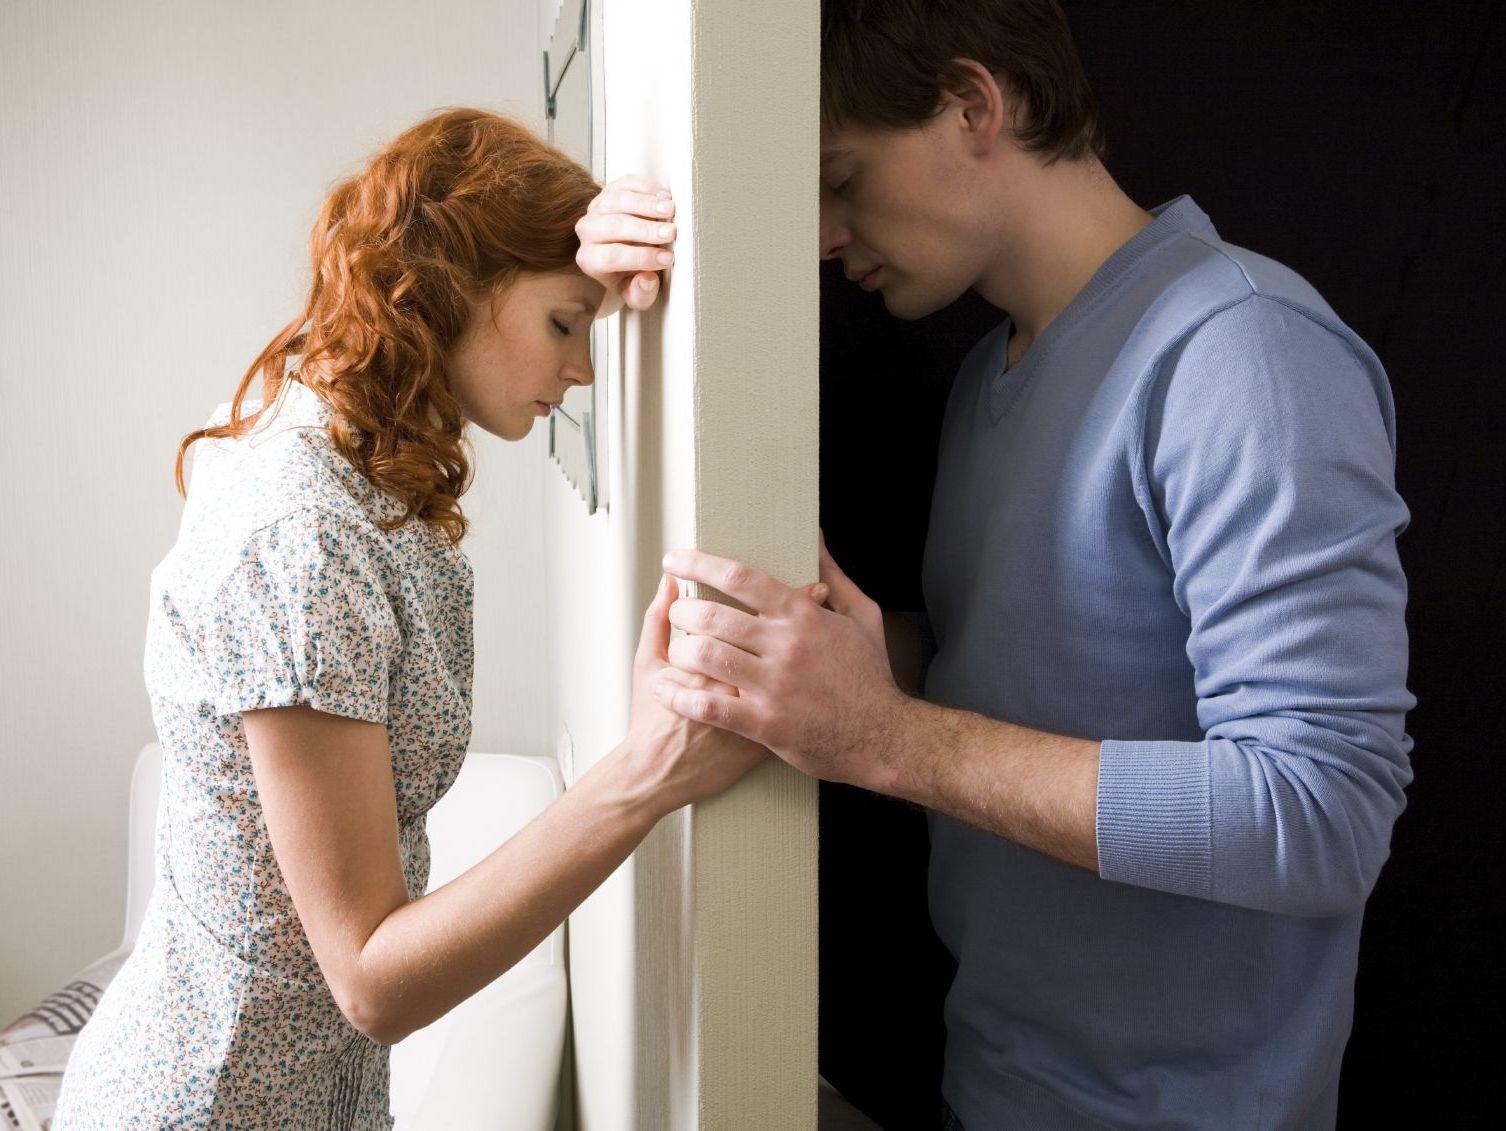 Картинка по теме: Стоит ли начать жить вместе с парнем?